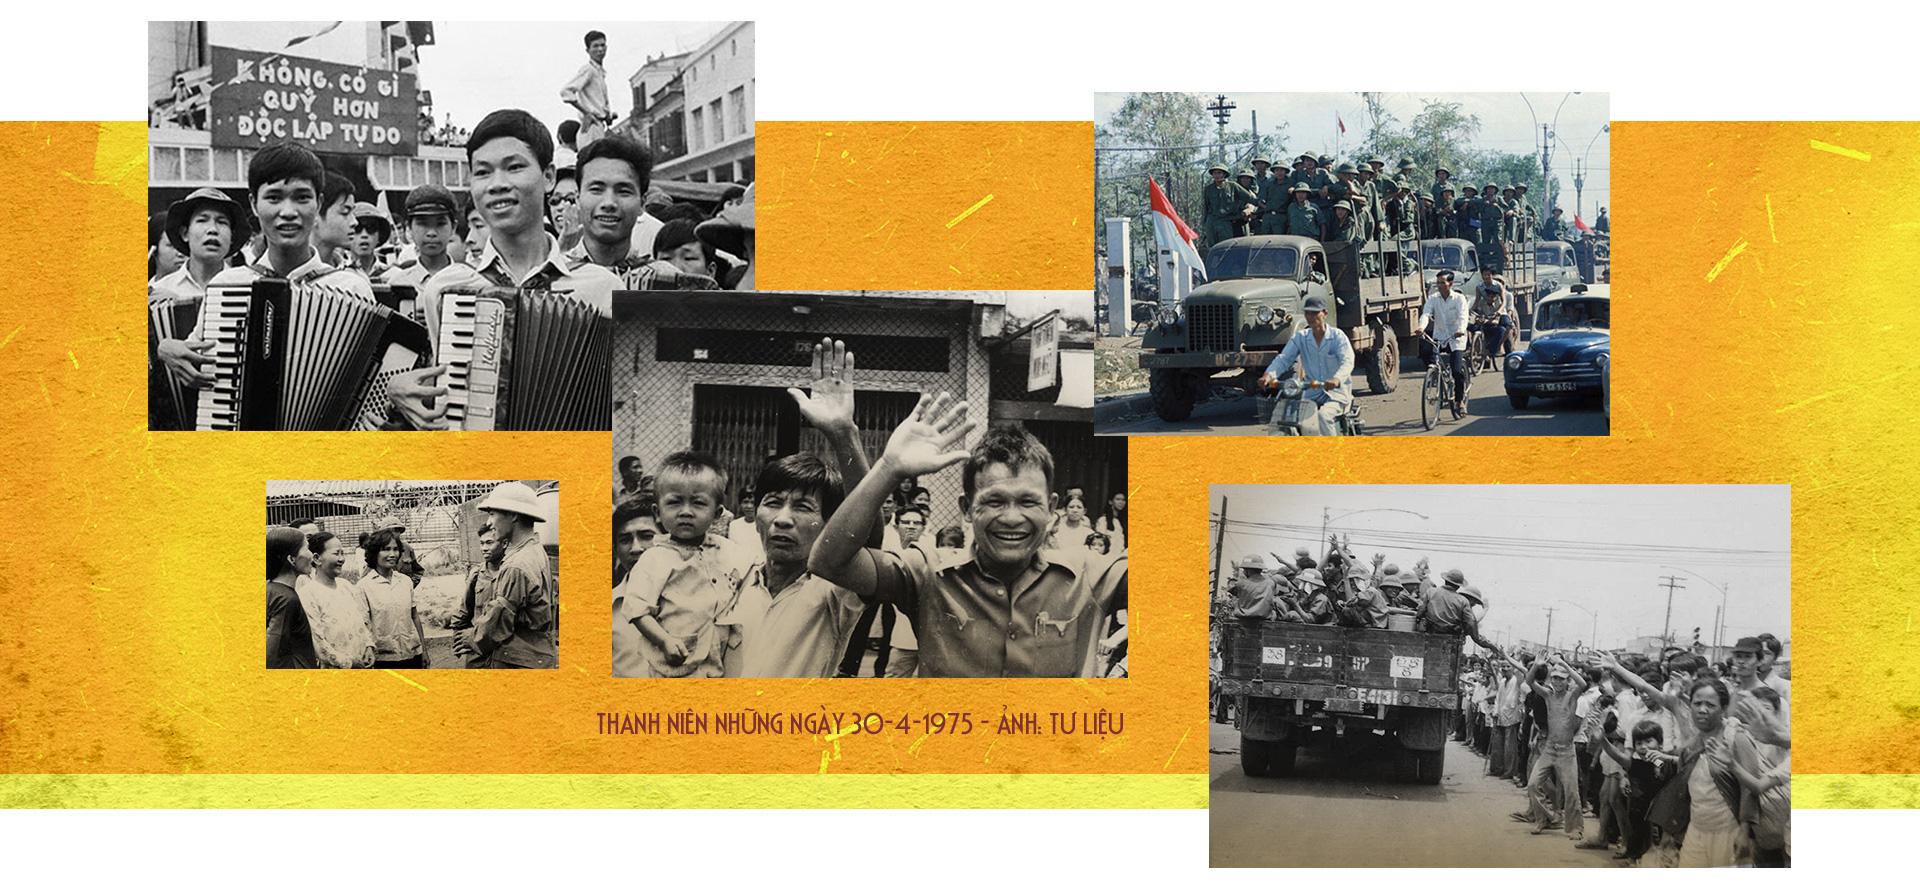 Những người sinh năm 1975 kể chuyện lớn lên trong thời bình - Ảnh 9.